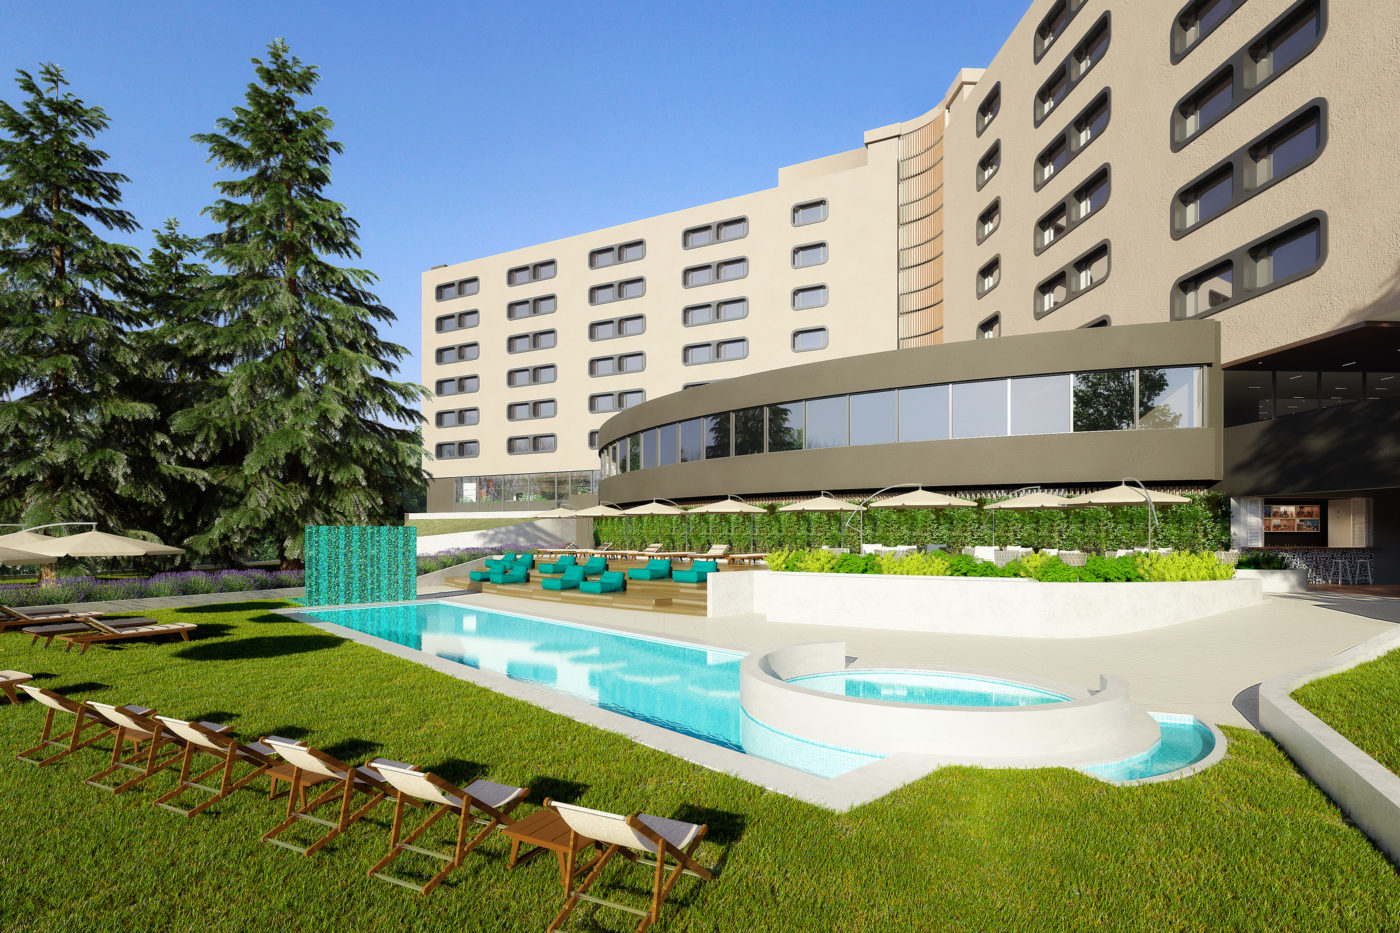 L'area piscina dello Sheraton Milan San Siro